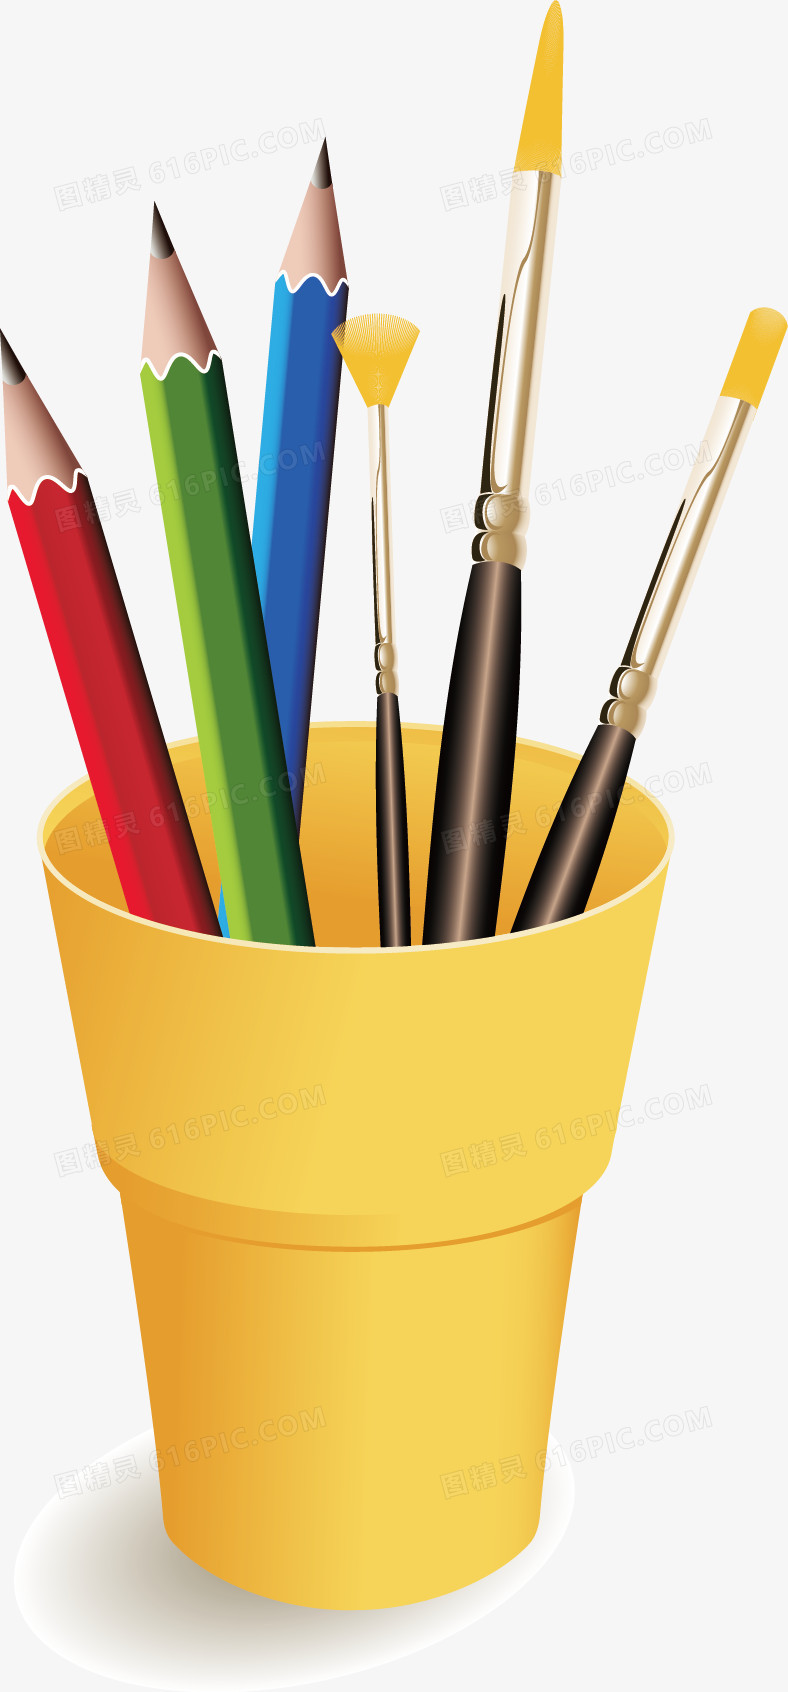 彩漆油漆刷笔筒图片免费下载_高清png素材_图精灵